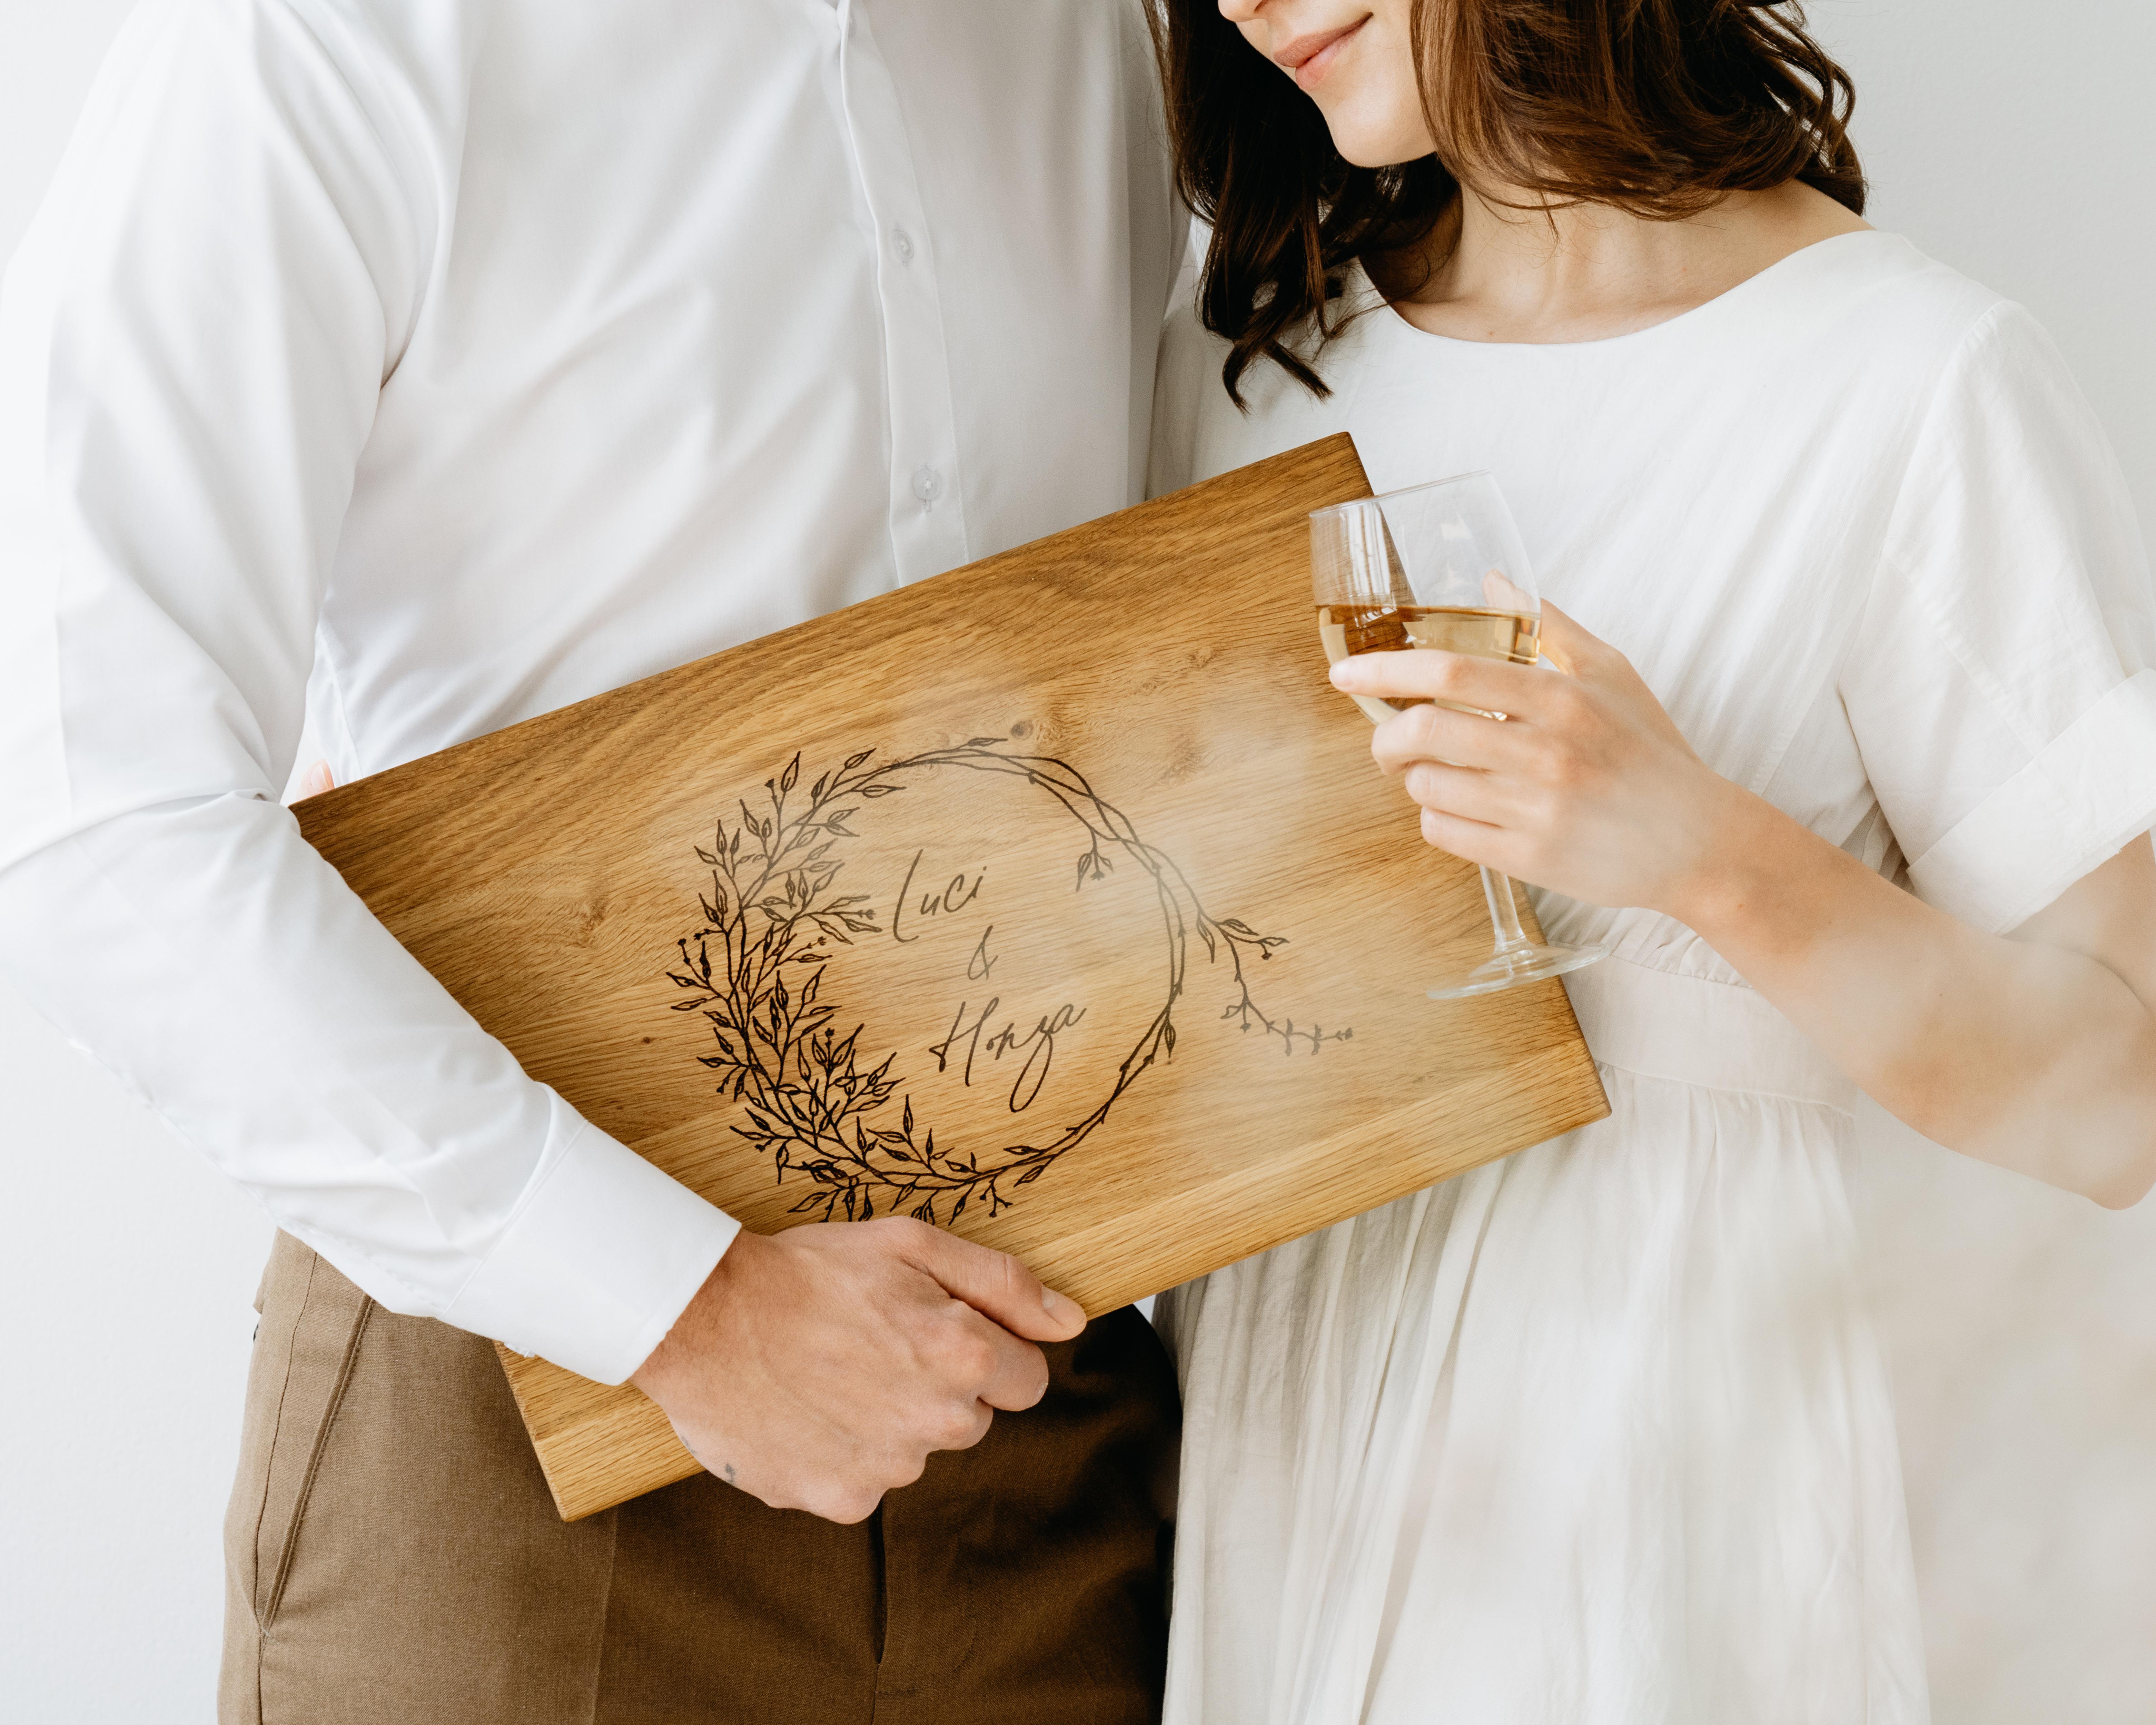 Tipy na svatební dary